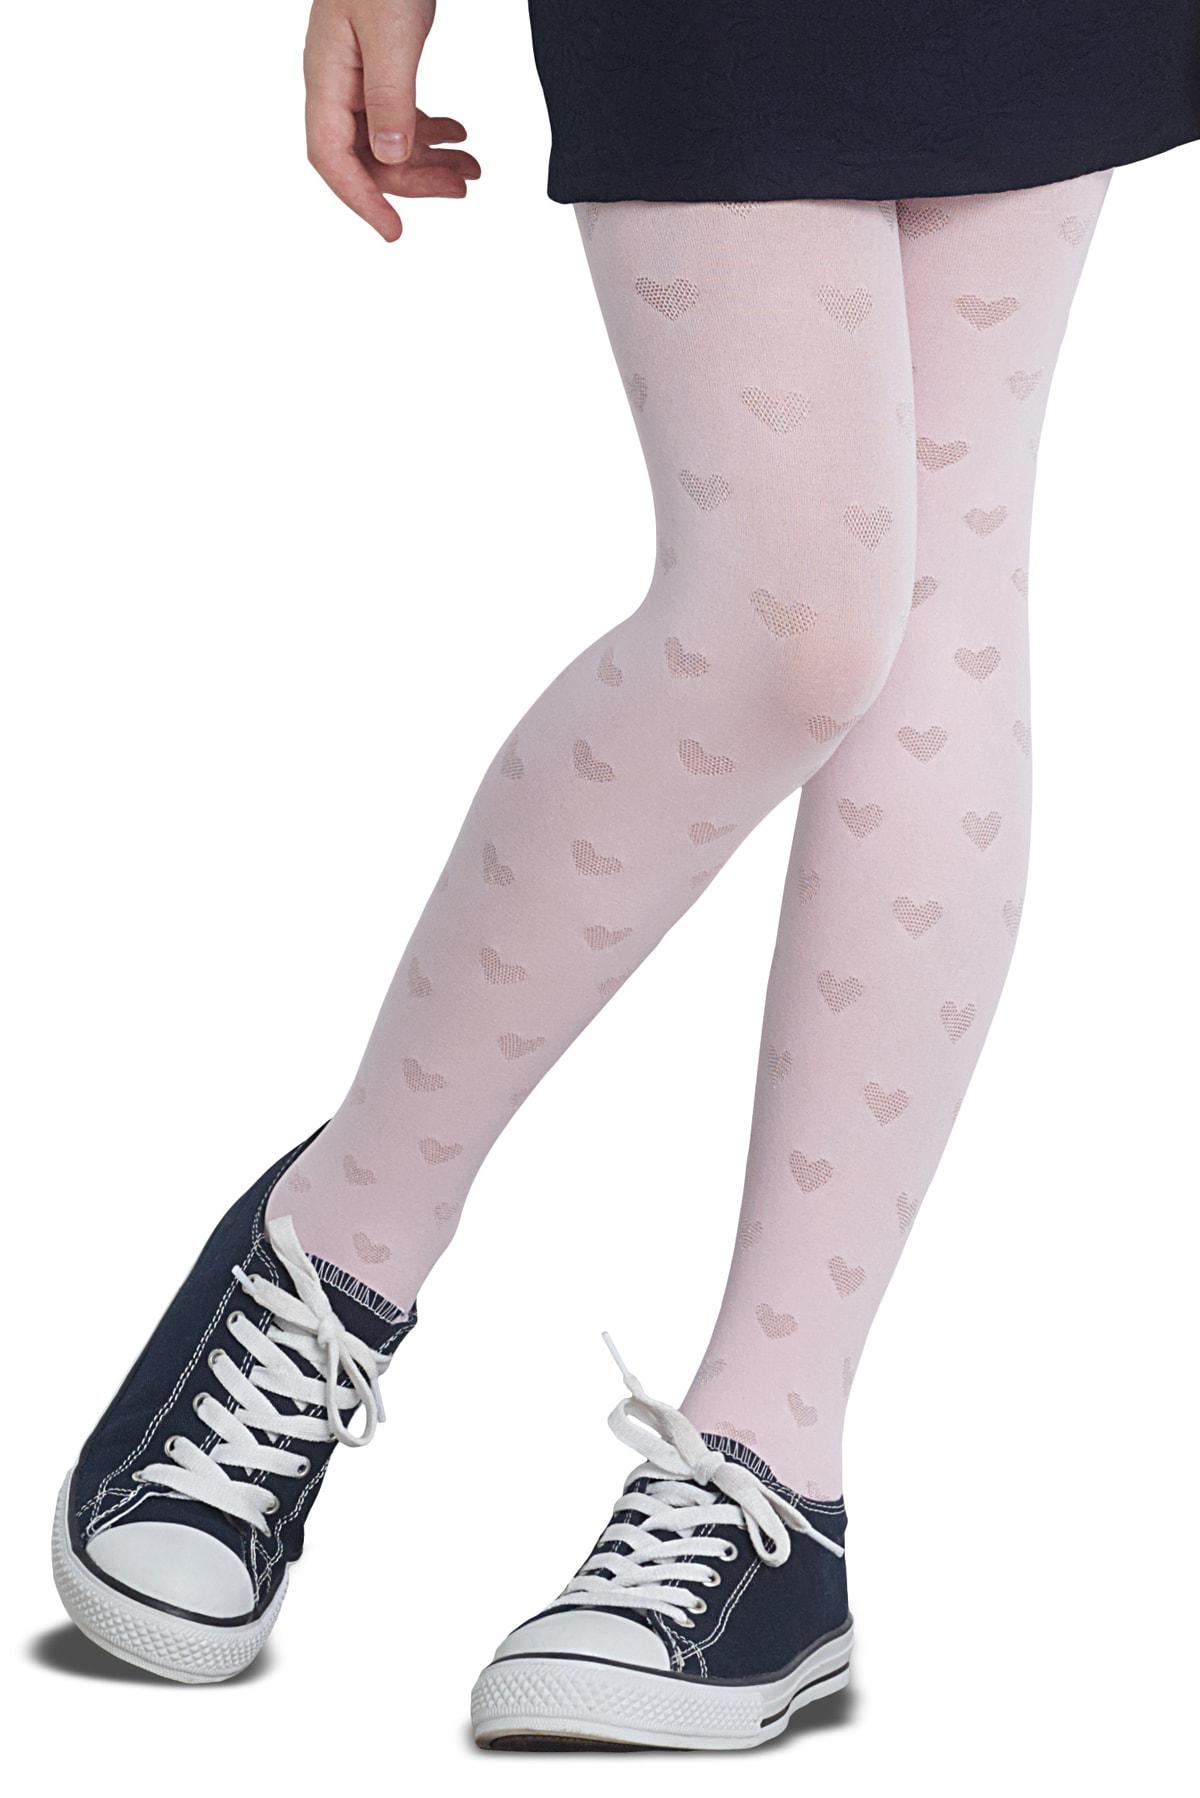 پنتی   Penti - جوراب شلواری دخترانه طرح Merla رنگ سفید